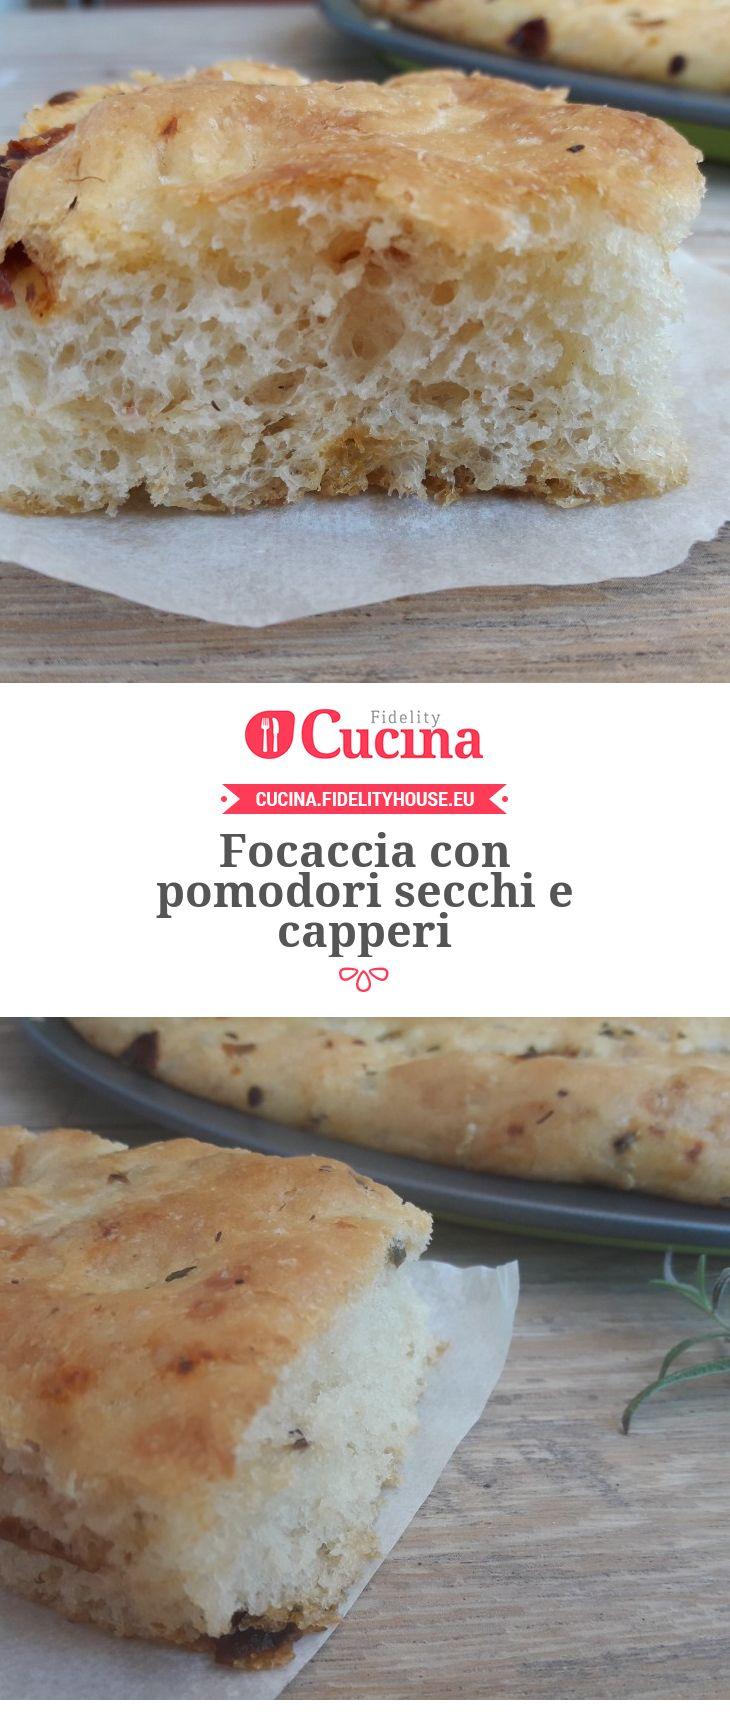 #Focaccia con #pomodori secchi e #capperi della nostra utente Vittoria. Unisciti alla nostra Community ed invia le tue ricette!